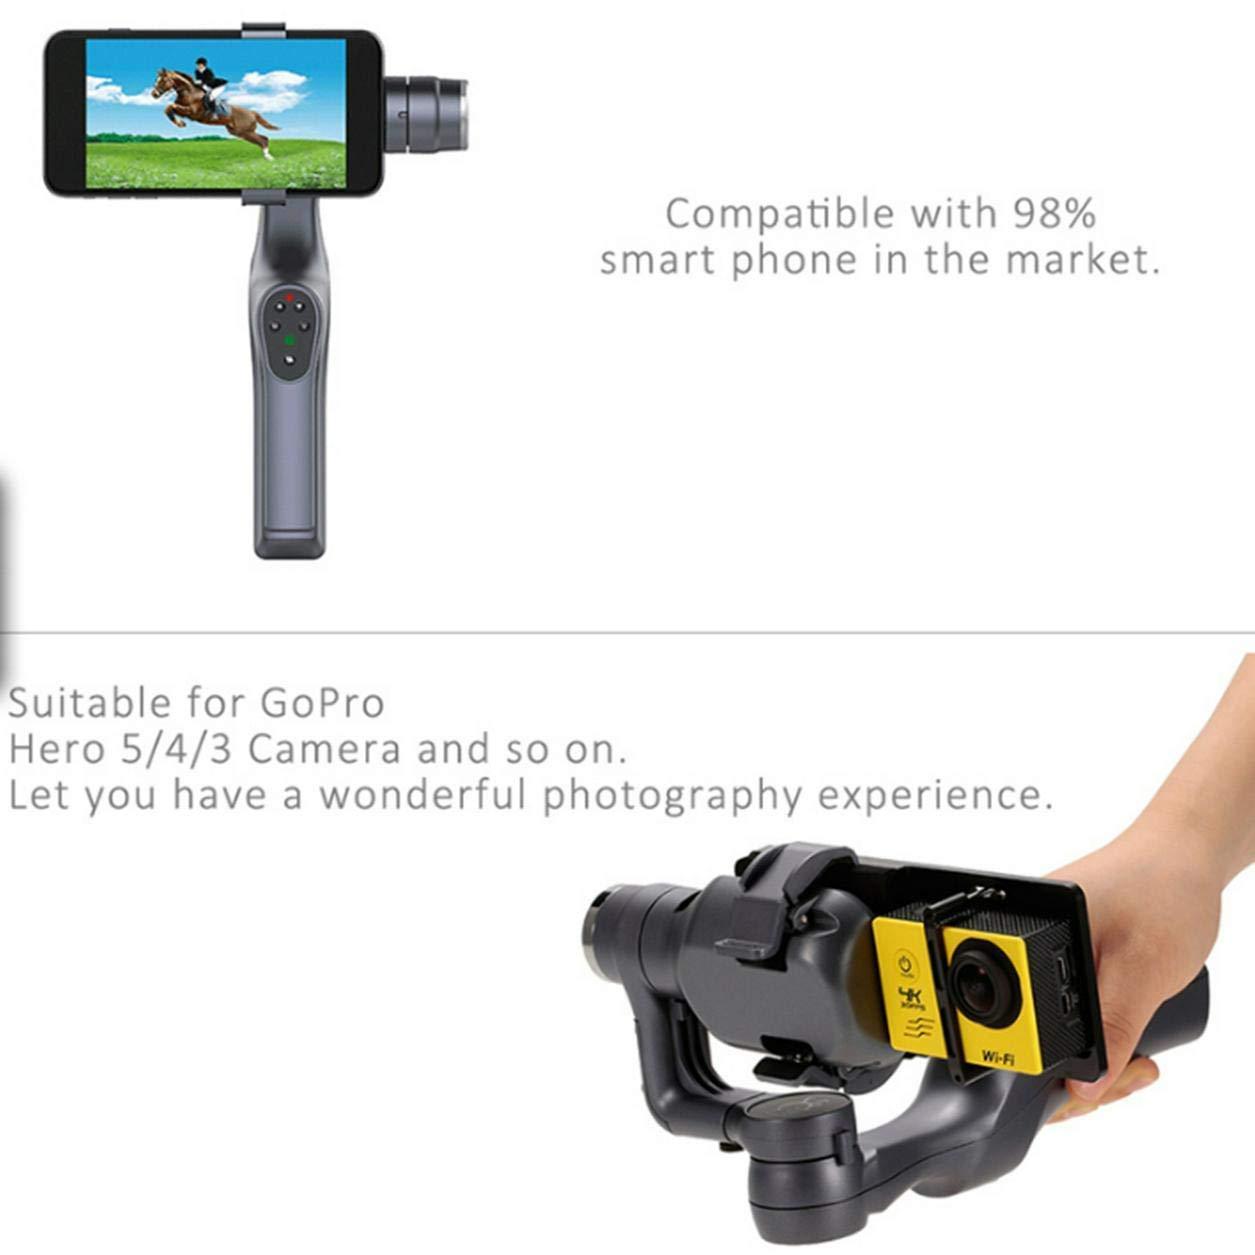 JJ-1S 2-achsen Smartphone Selfie Brushless Hand Gimbal Tray Stabilisator mit Cam Adapter für GOPRO/Xiaomi YI/Sargo Kamera (Farbe: Schwarz)